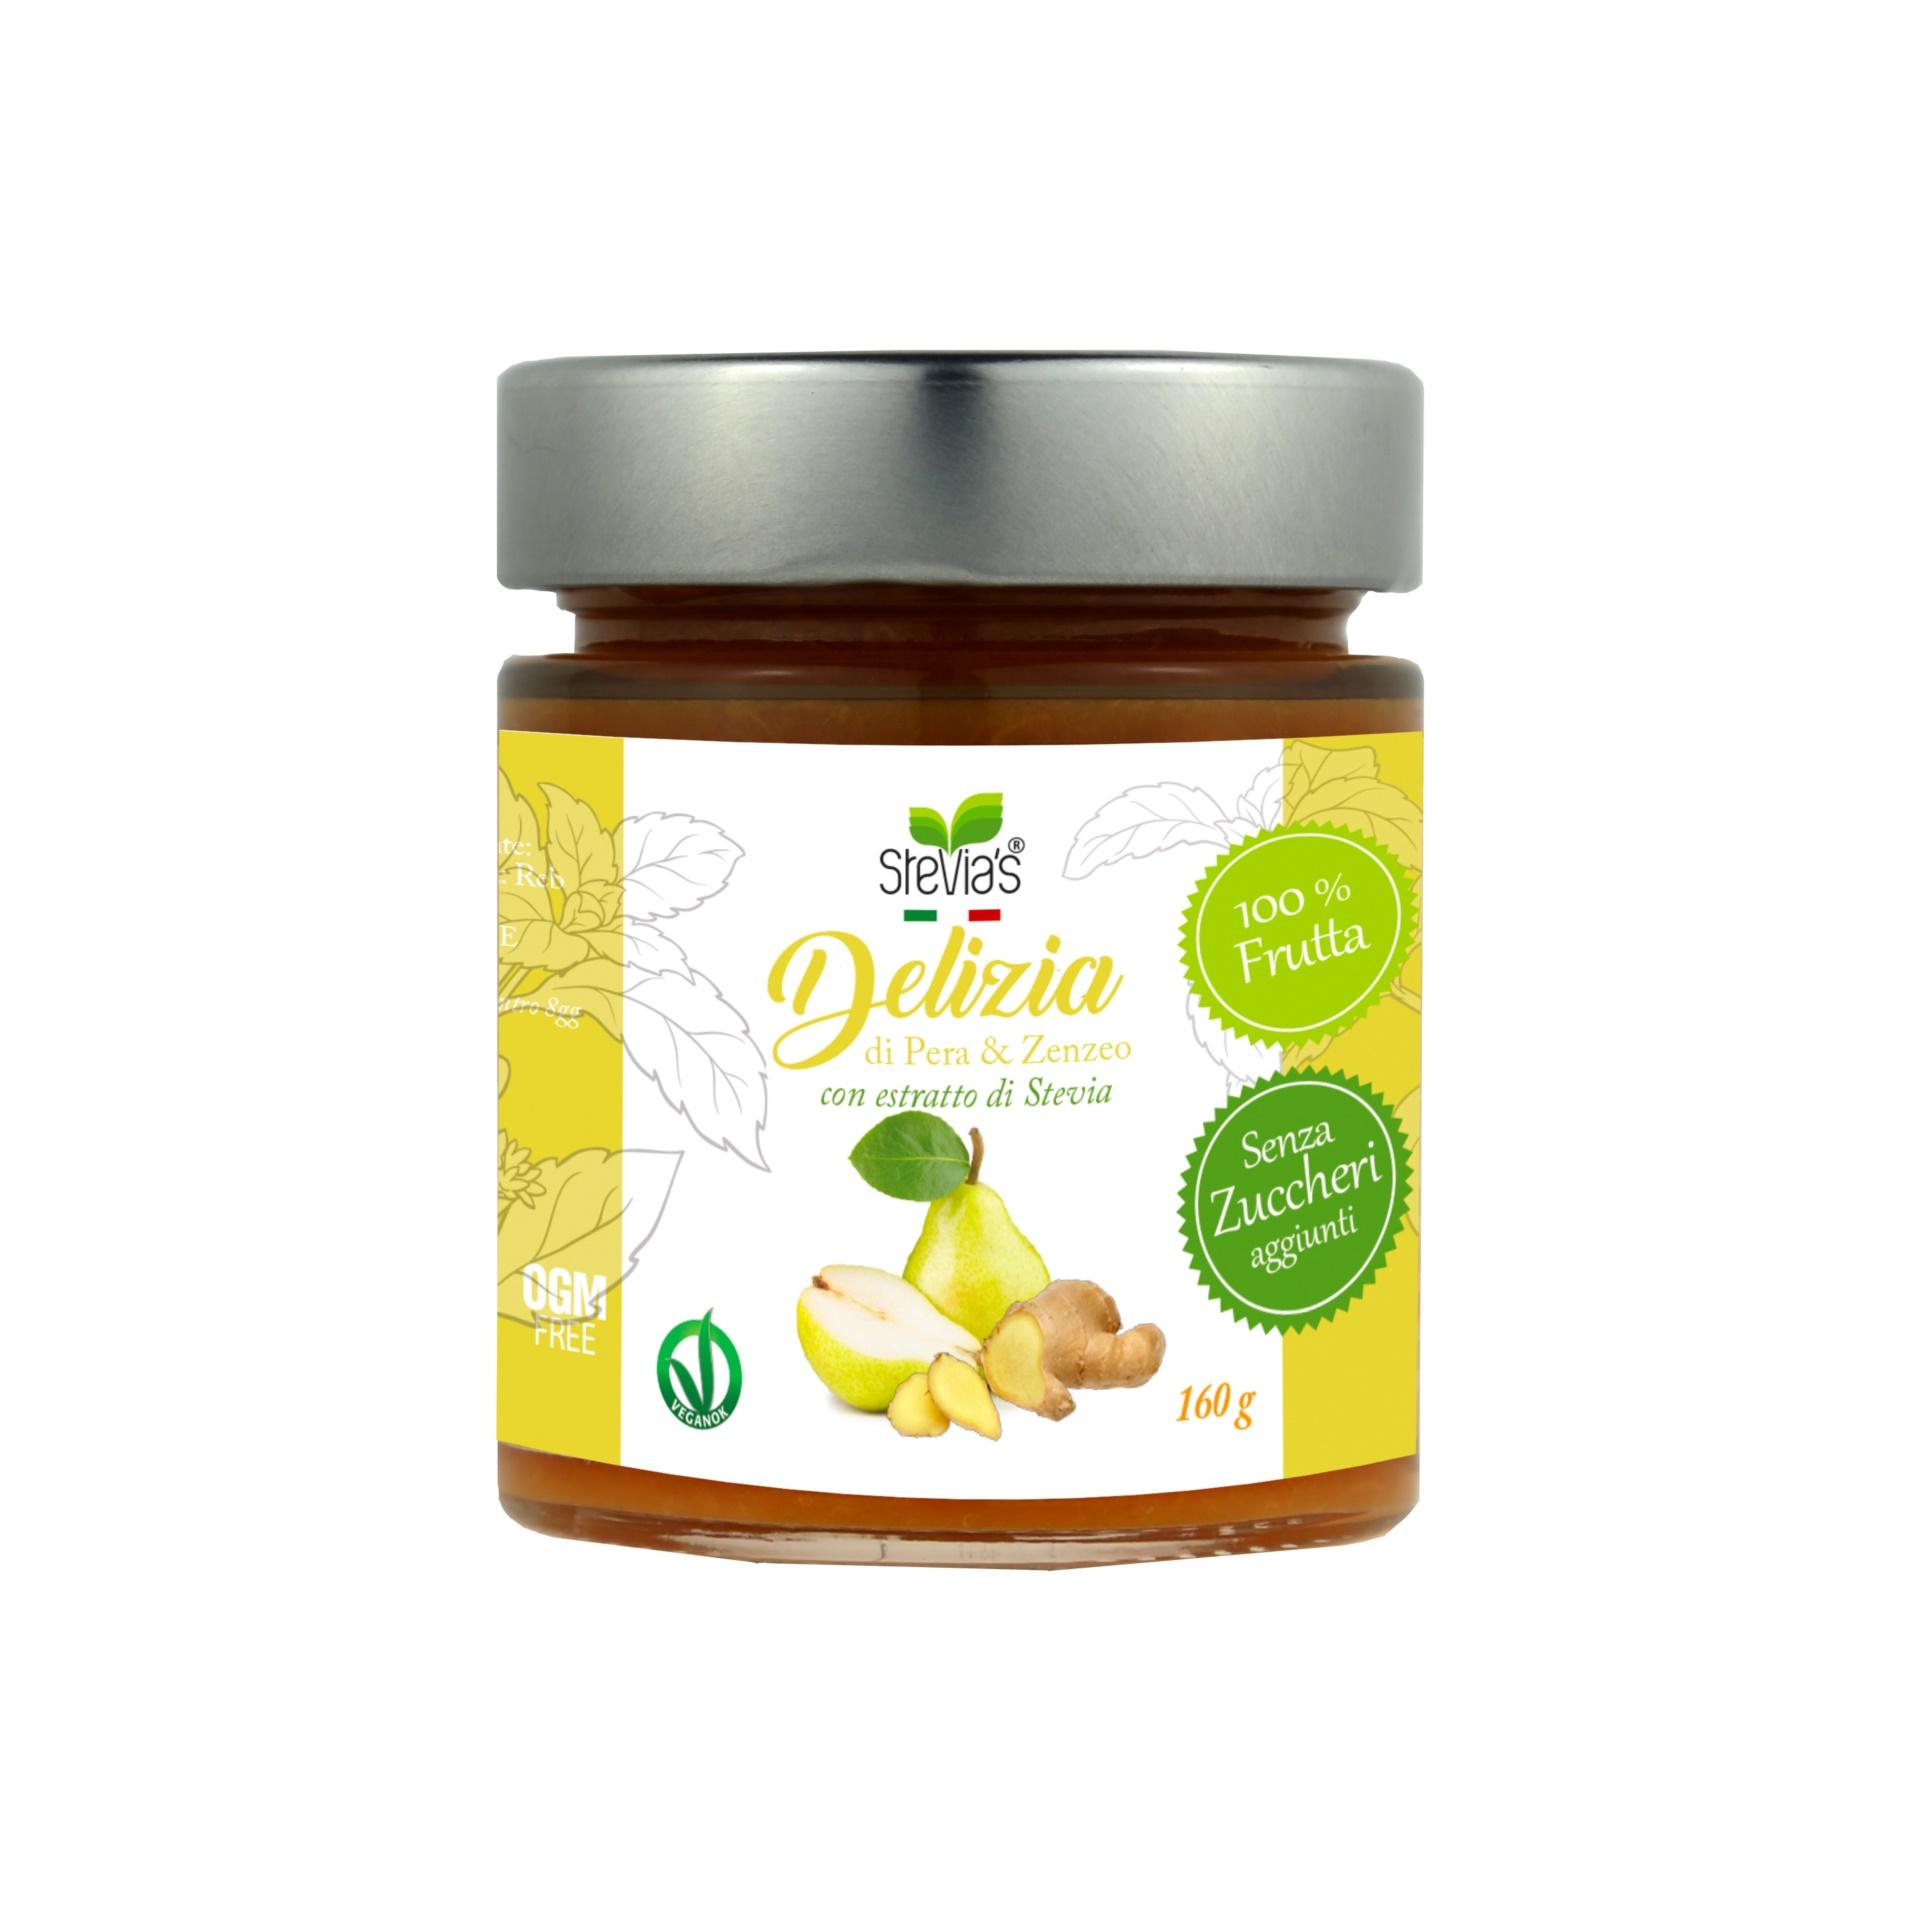 Composta di Pera & Zenzero - Con estratto di Stevia senza zuccheri aggiunti